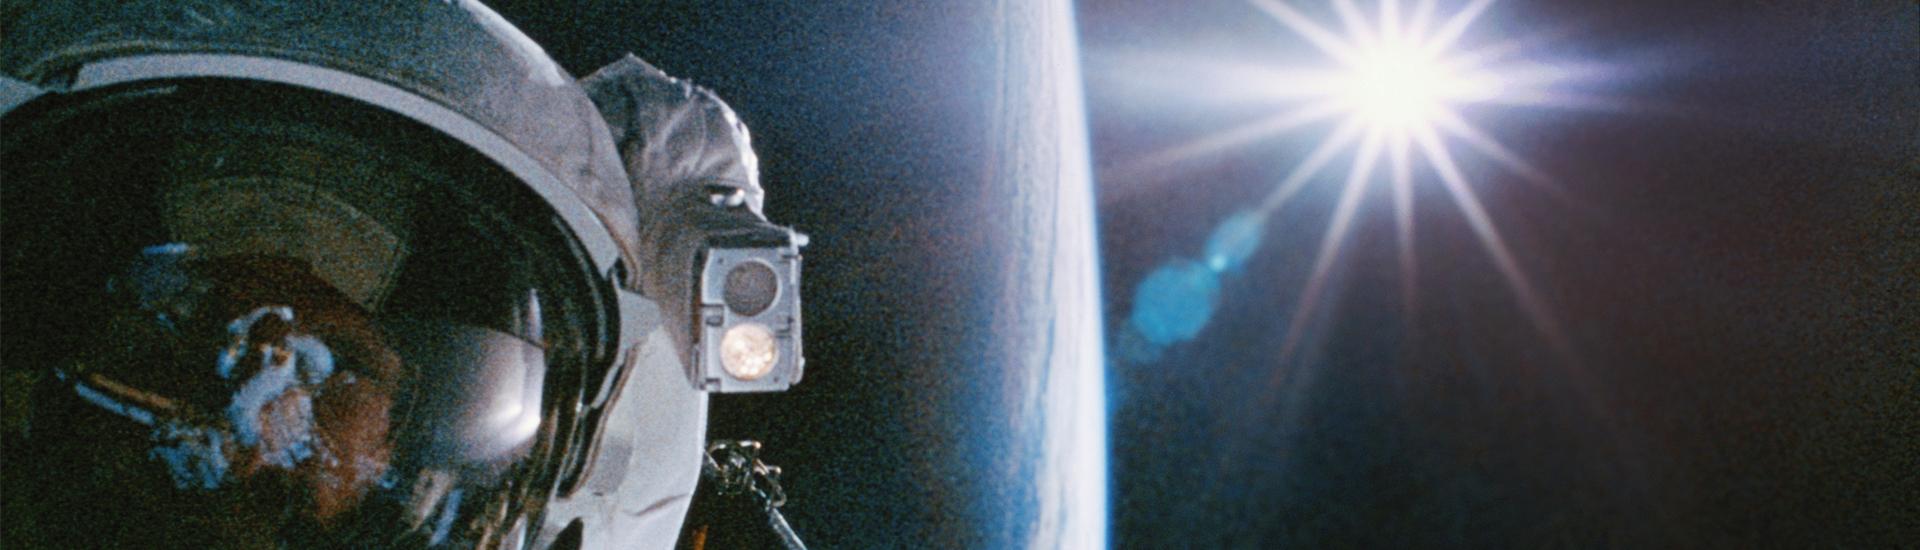 Biologische klok op hol in de ruimte medischcontact - Huisarts klok ...